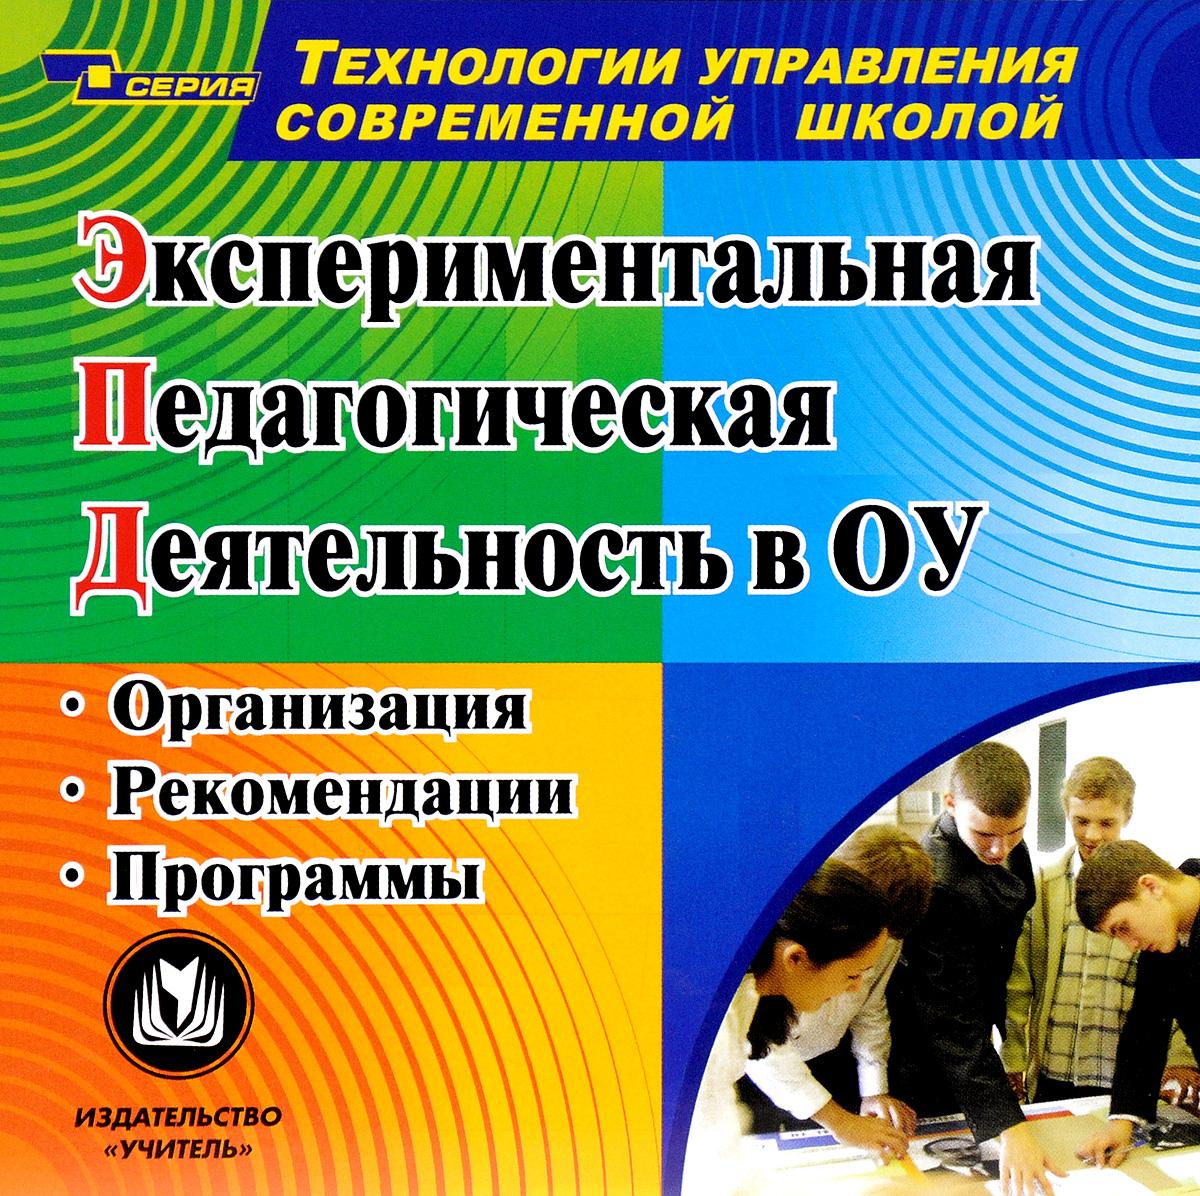 Экспериментальная педагогическая деятельность в ОУ. Организация. Рекомендации. Программы